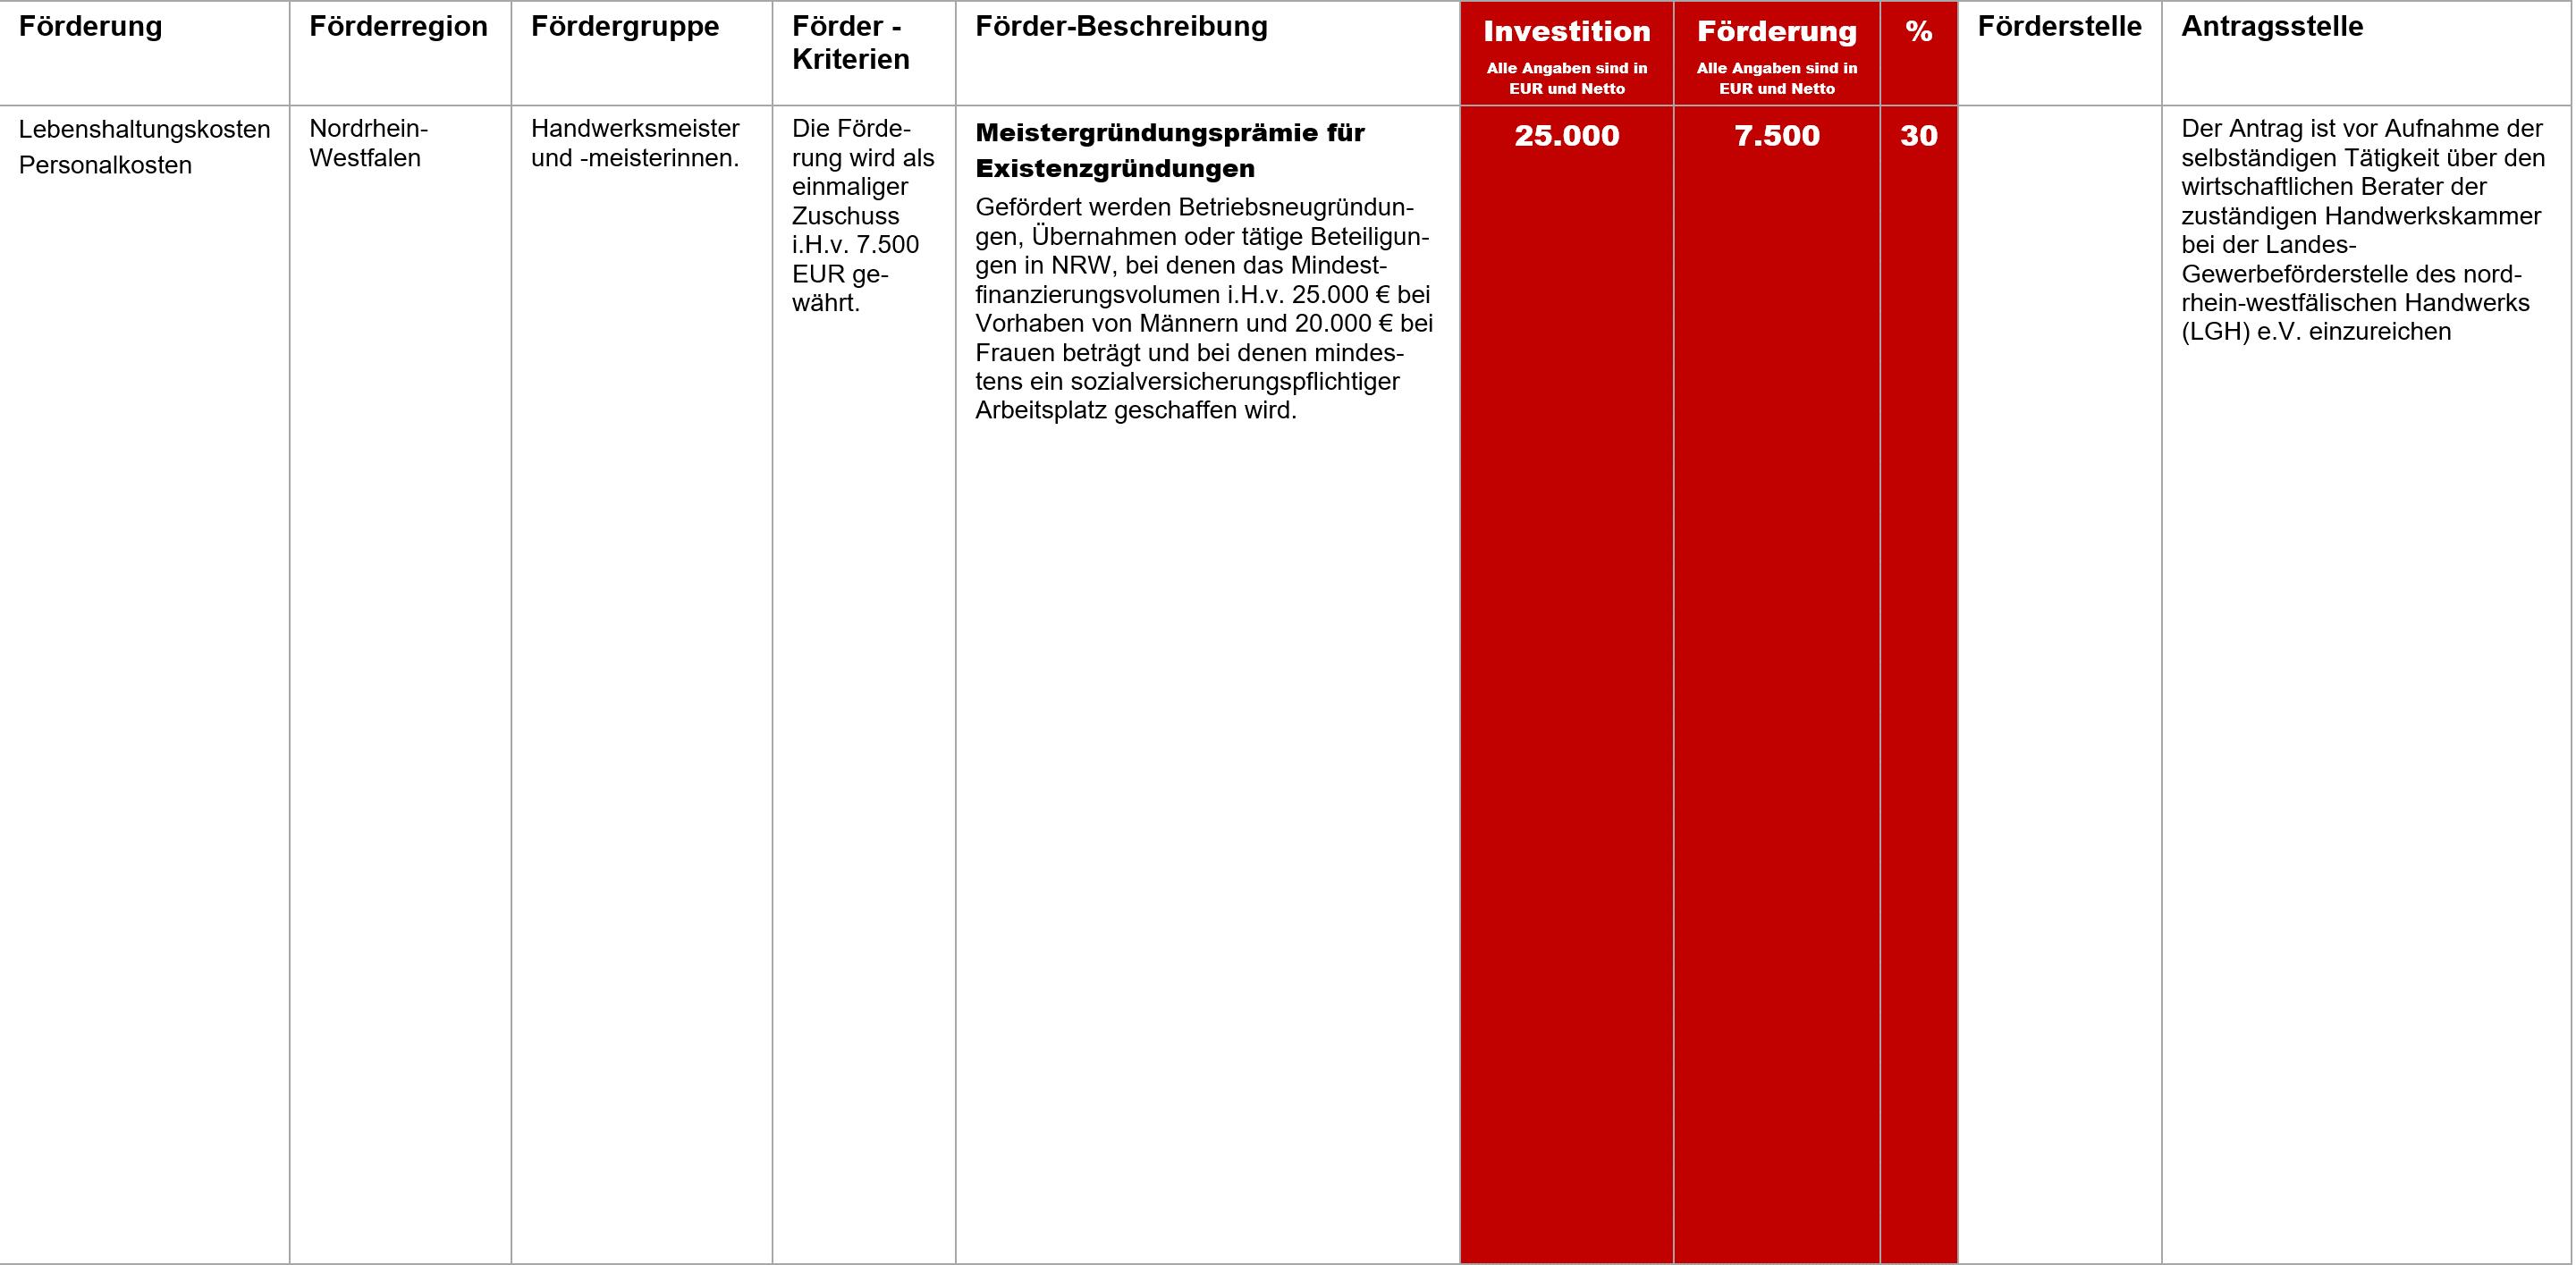 Meistergründungsprämie NRW, Fördermittel – Meistergründungsprämie für Existenzgründungen NRW